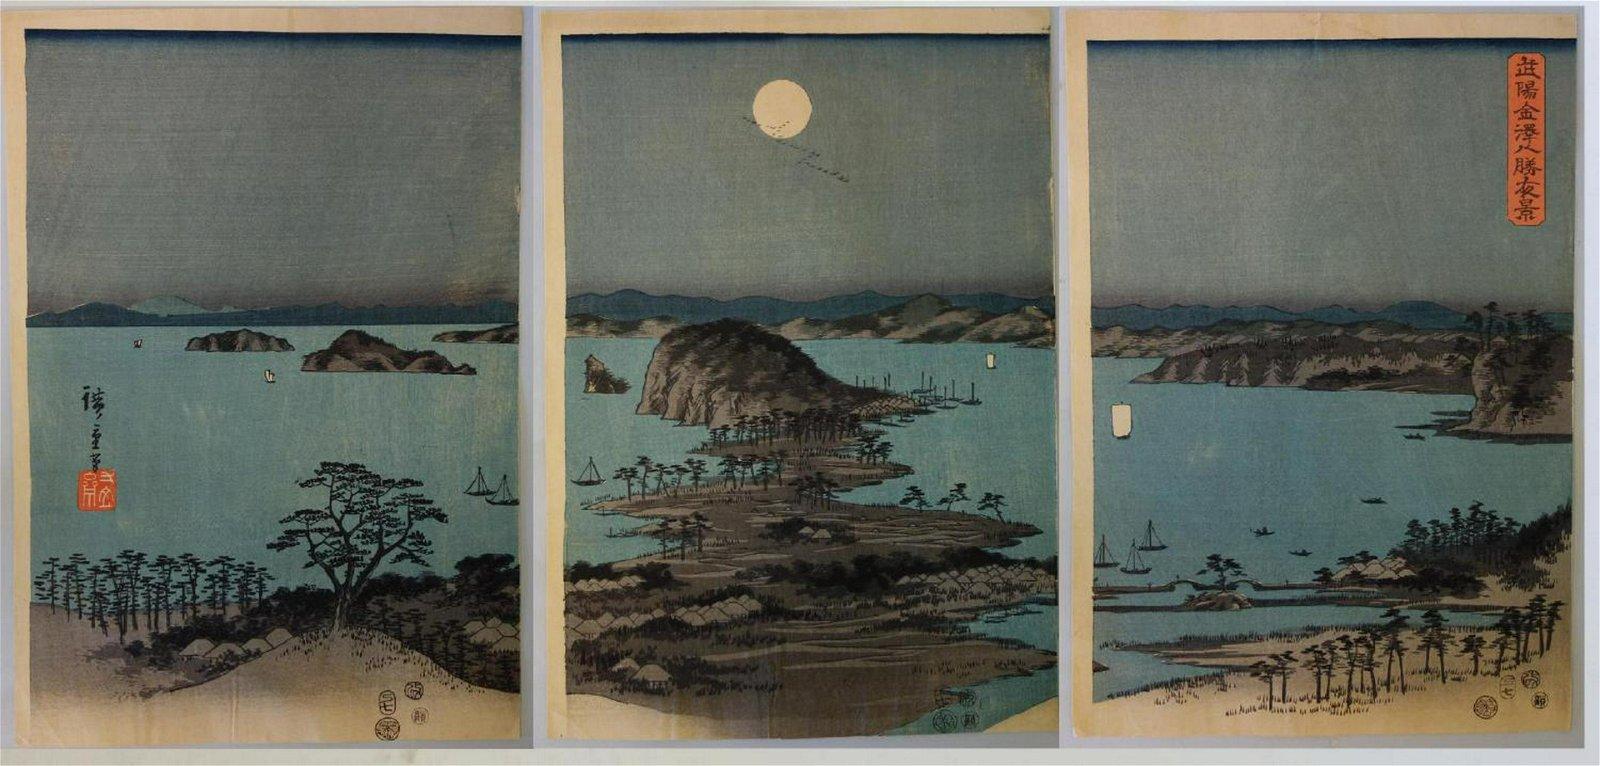 Hiroshige, Evening View at Kanazawa Triptych